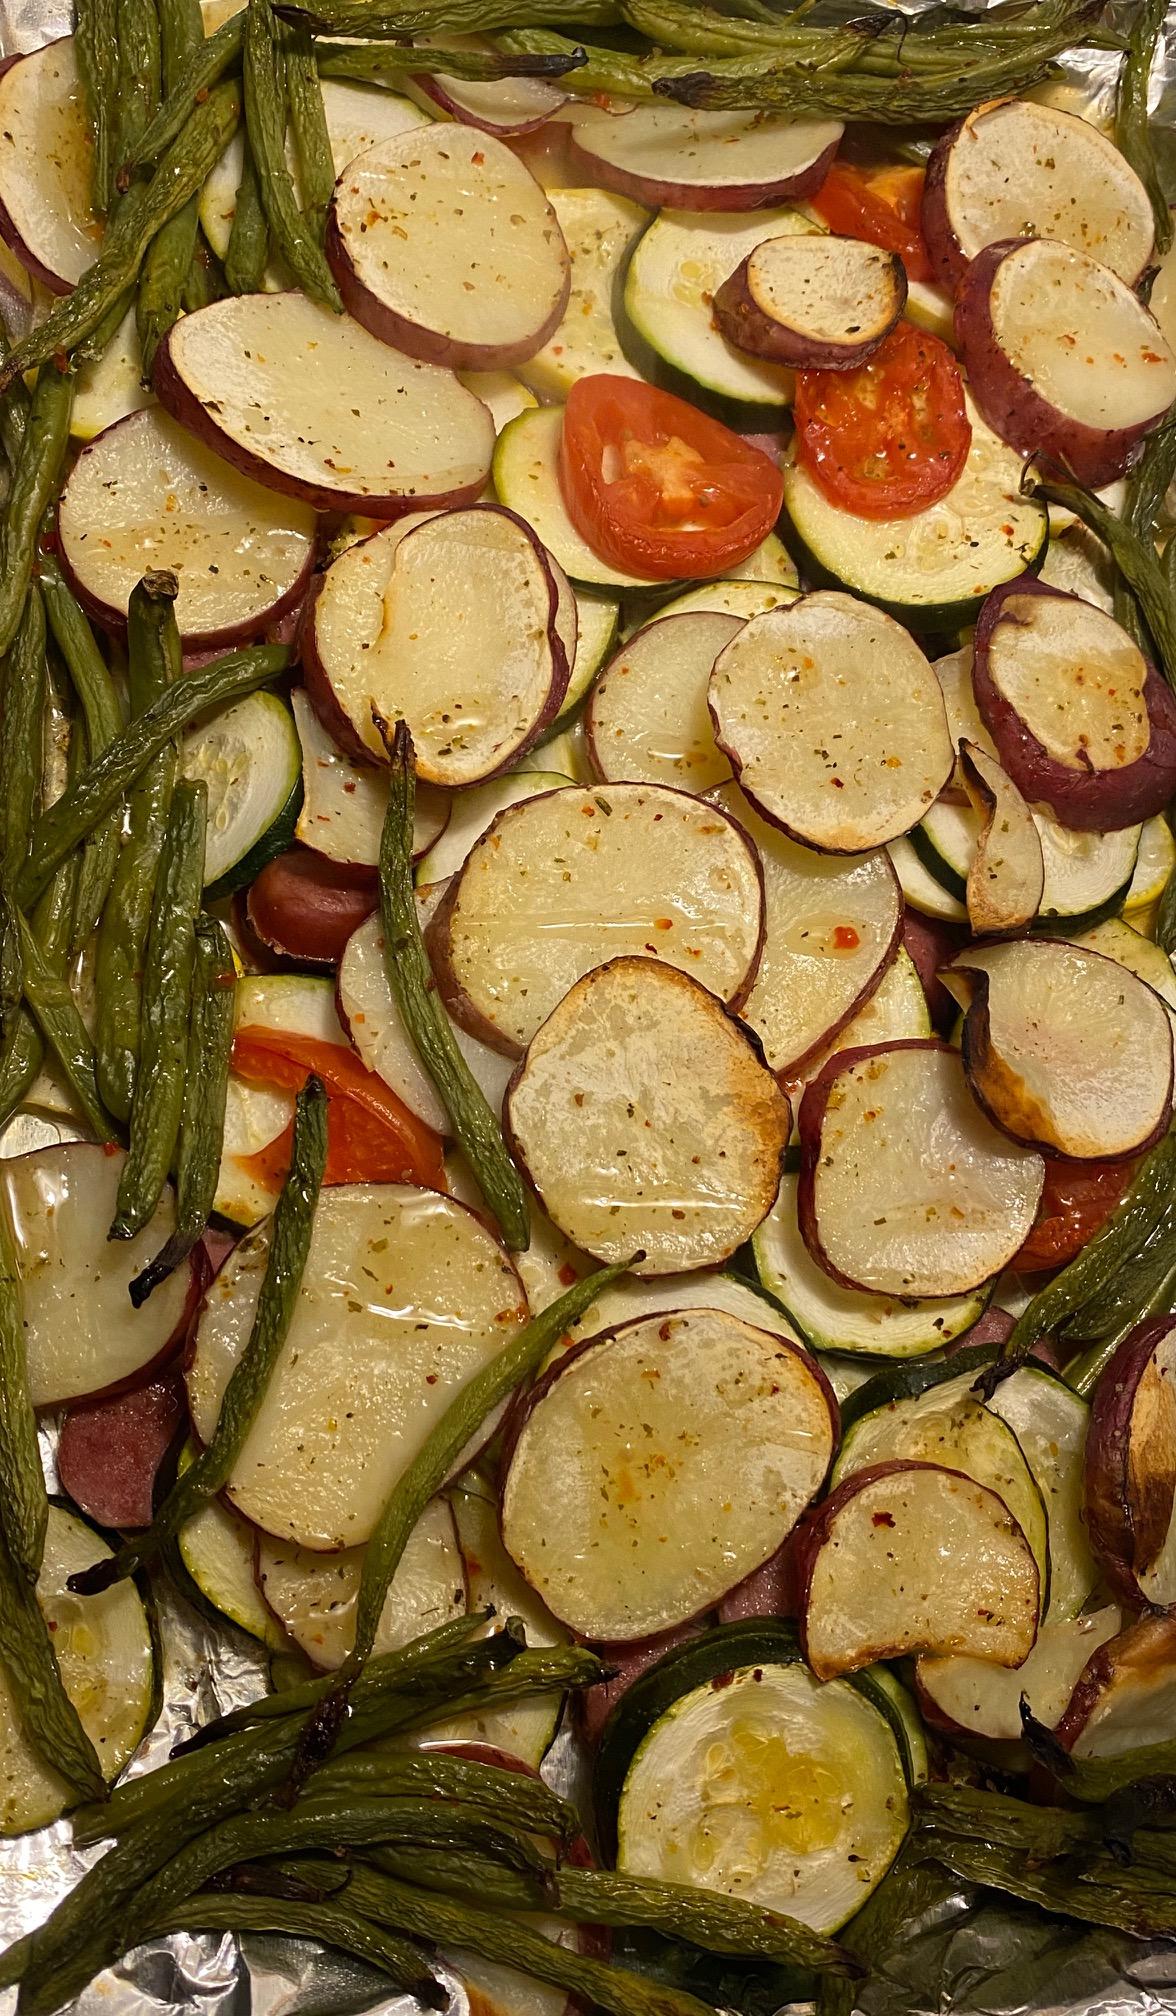 Turkey Sausage & Veggie Pan Sheet with Baked Sweet Potato Recipe